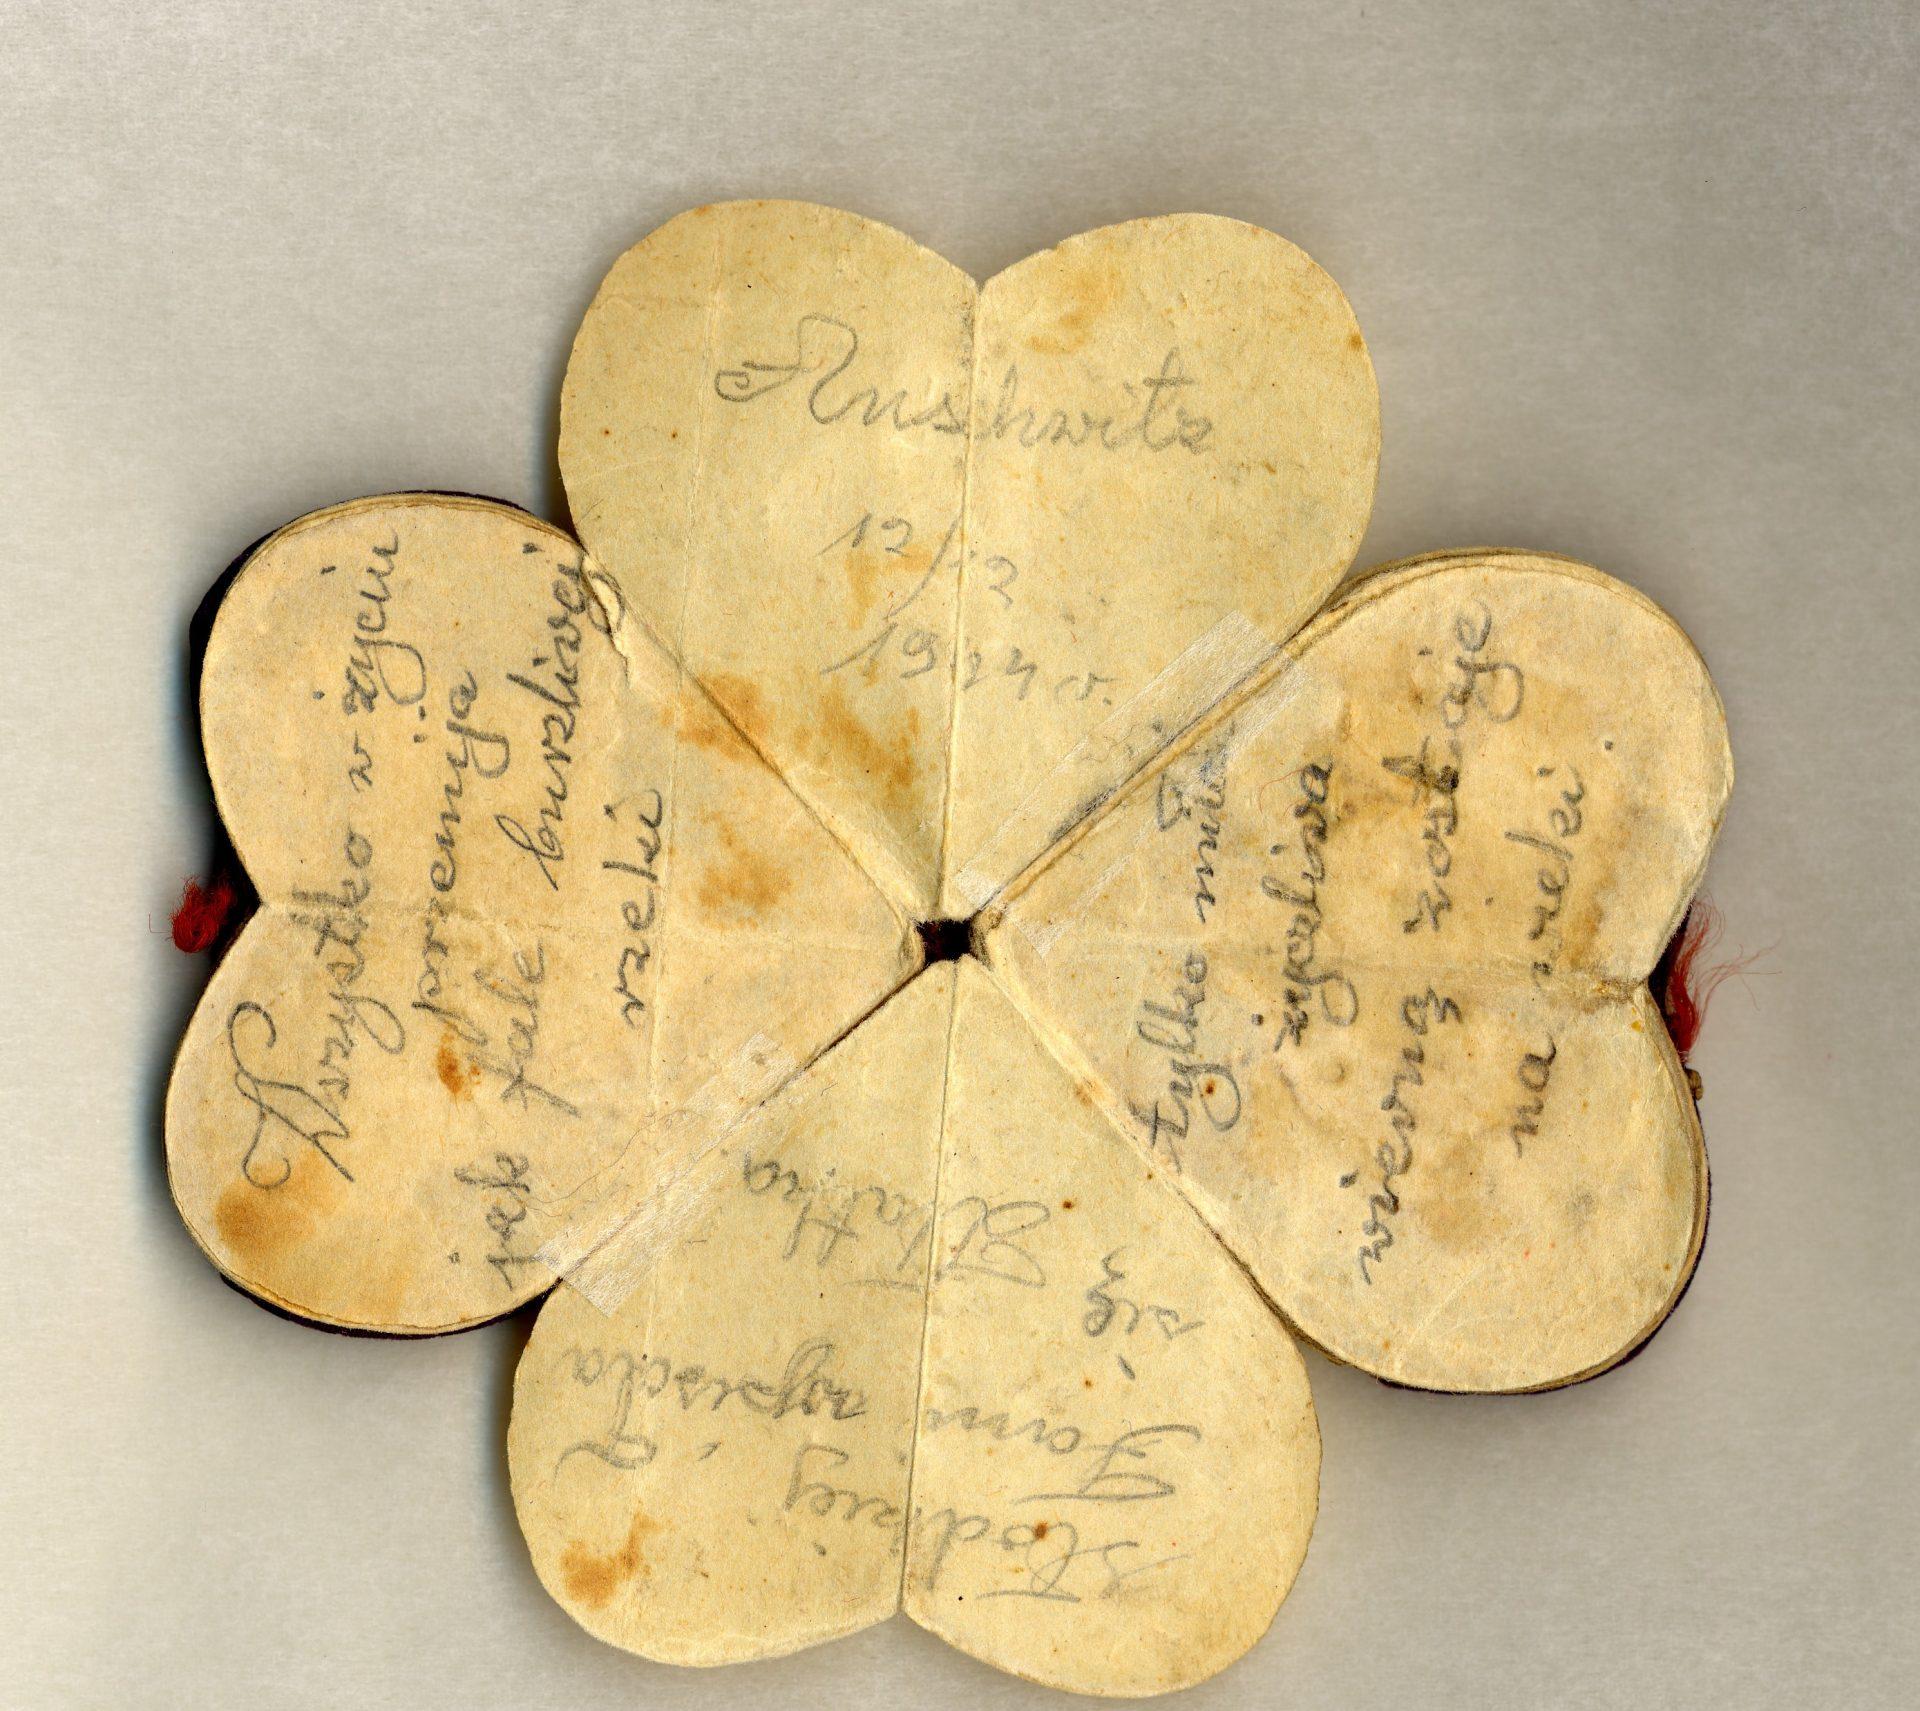 «Dans la vie toute passe comme une vague dans une rivière tulmutueuse. Seul le vrai amour reste fidèle pour toujours. Amour, À ma chère Fani. Écrit par Zlatka, Auschwitz, 12/XII/1944».